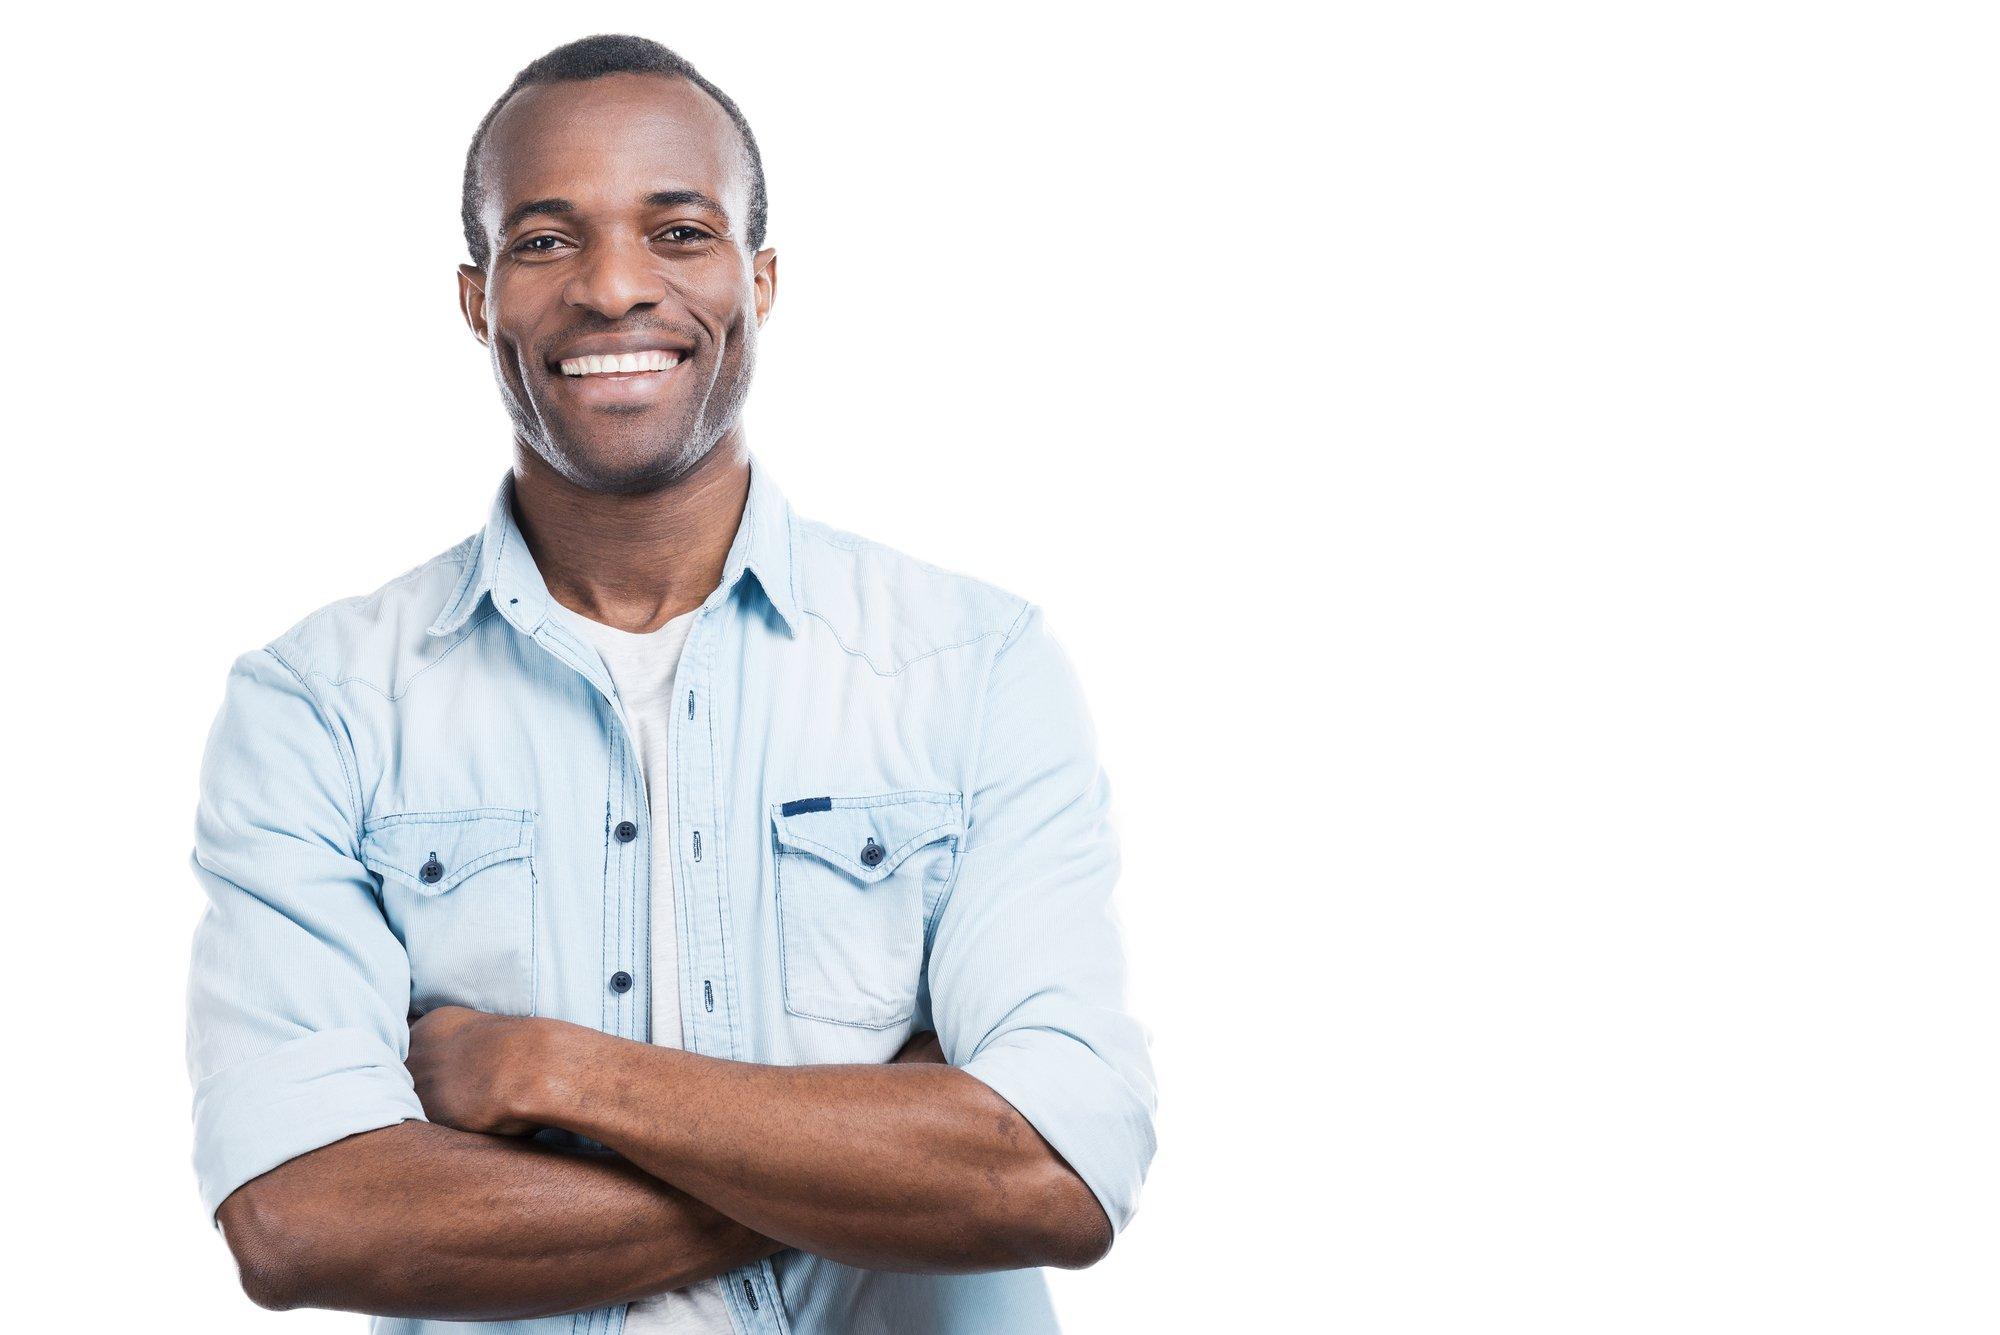 Black man keeping arms crossed